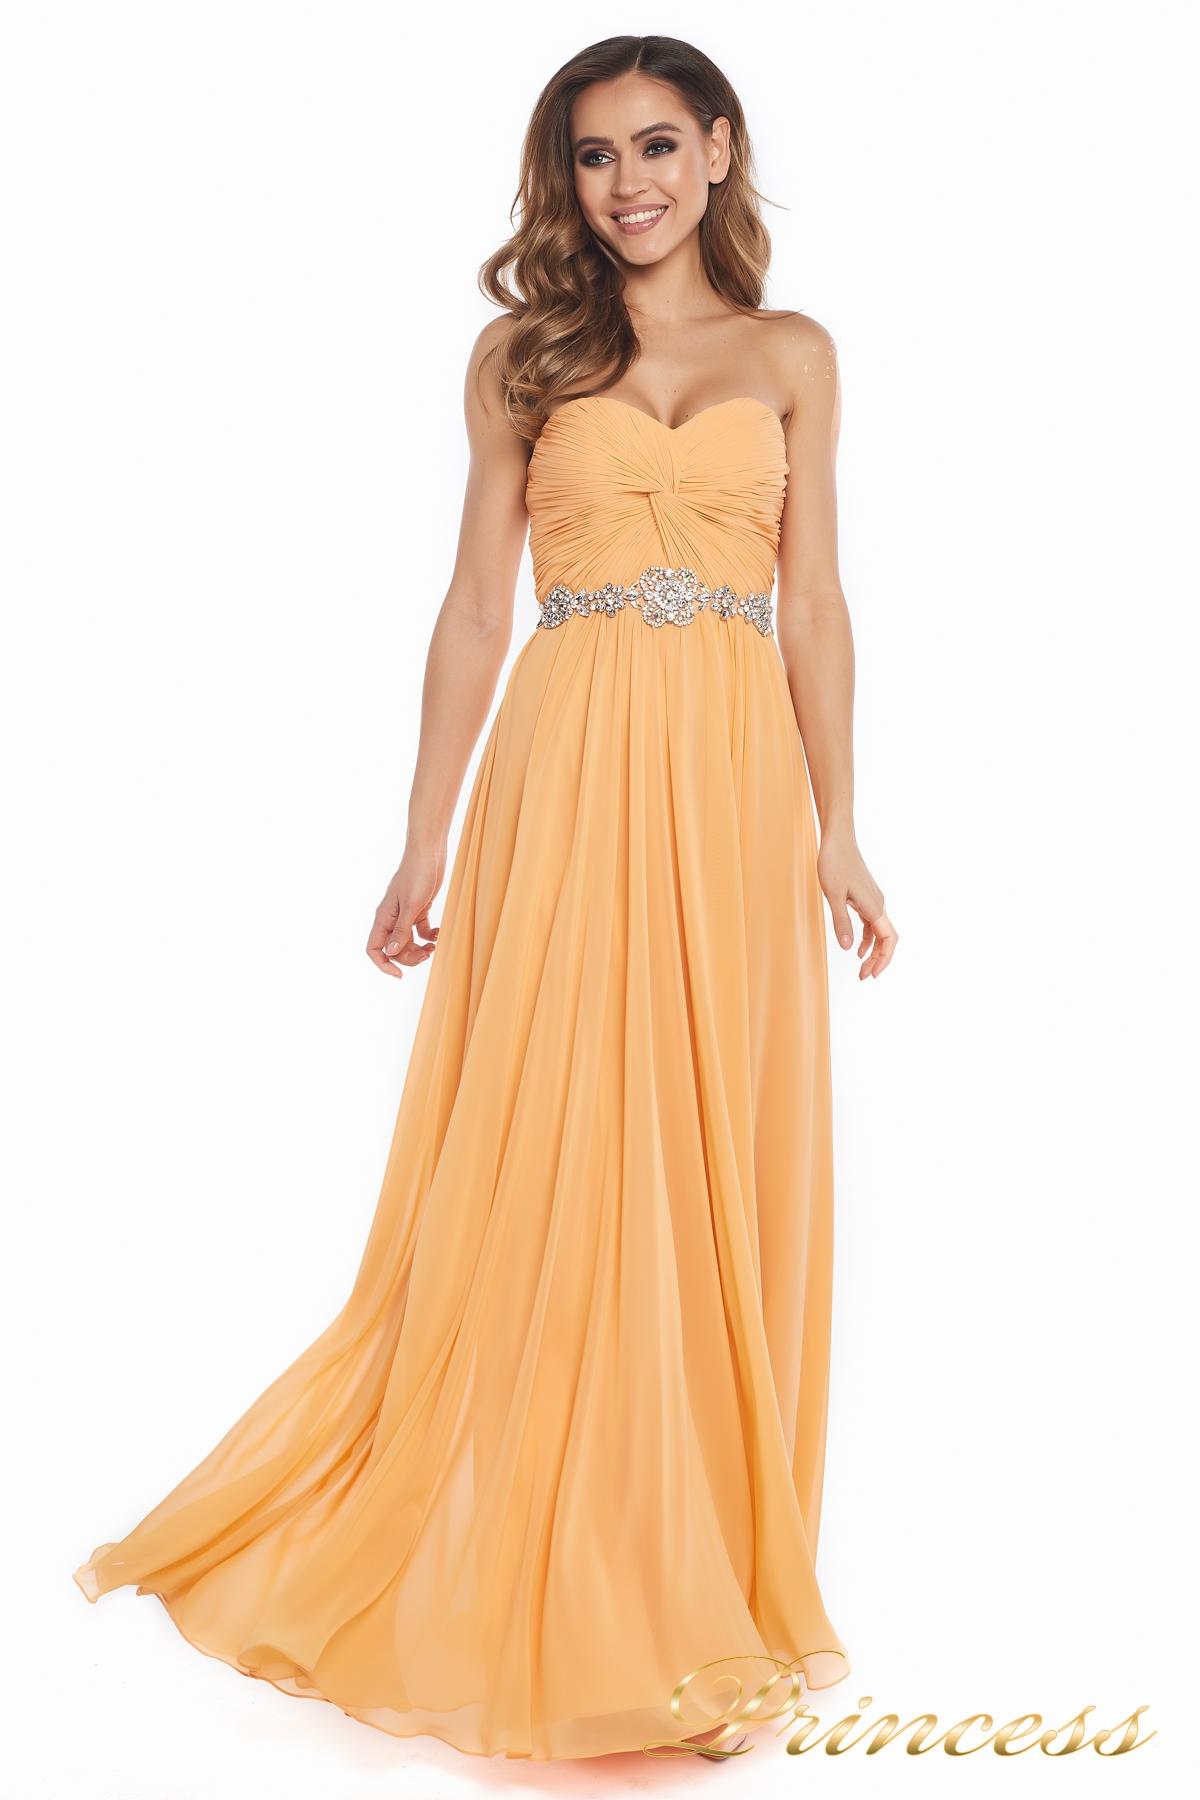 1e69ba4b11a Купить вечернее платье 159764p персикового цвета по цене 20500 руб ...